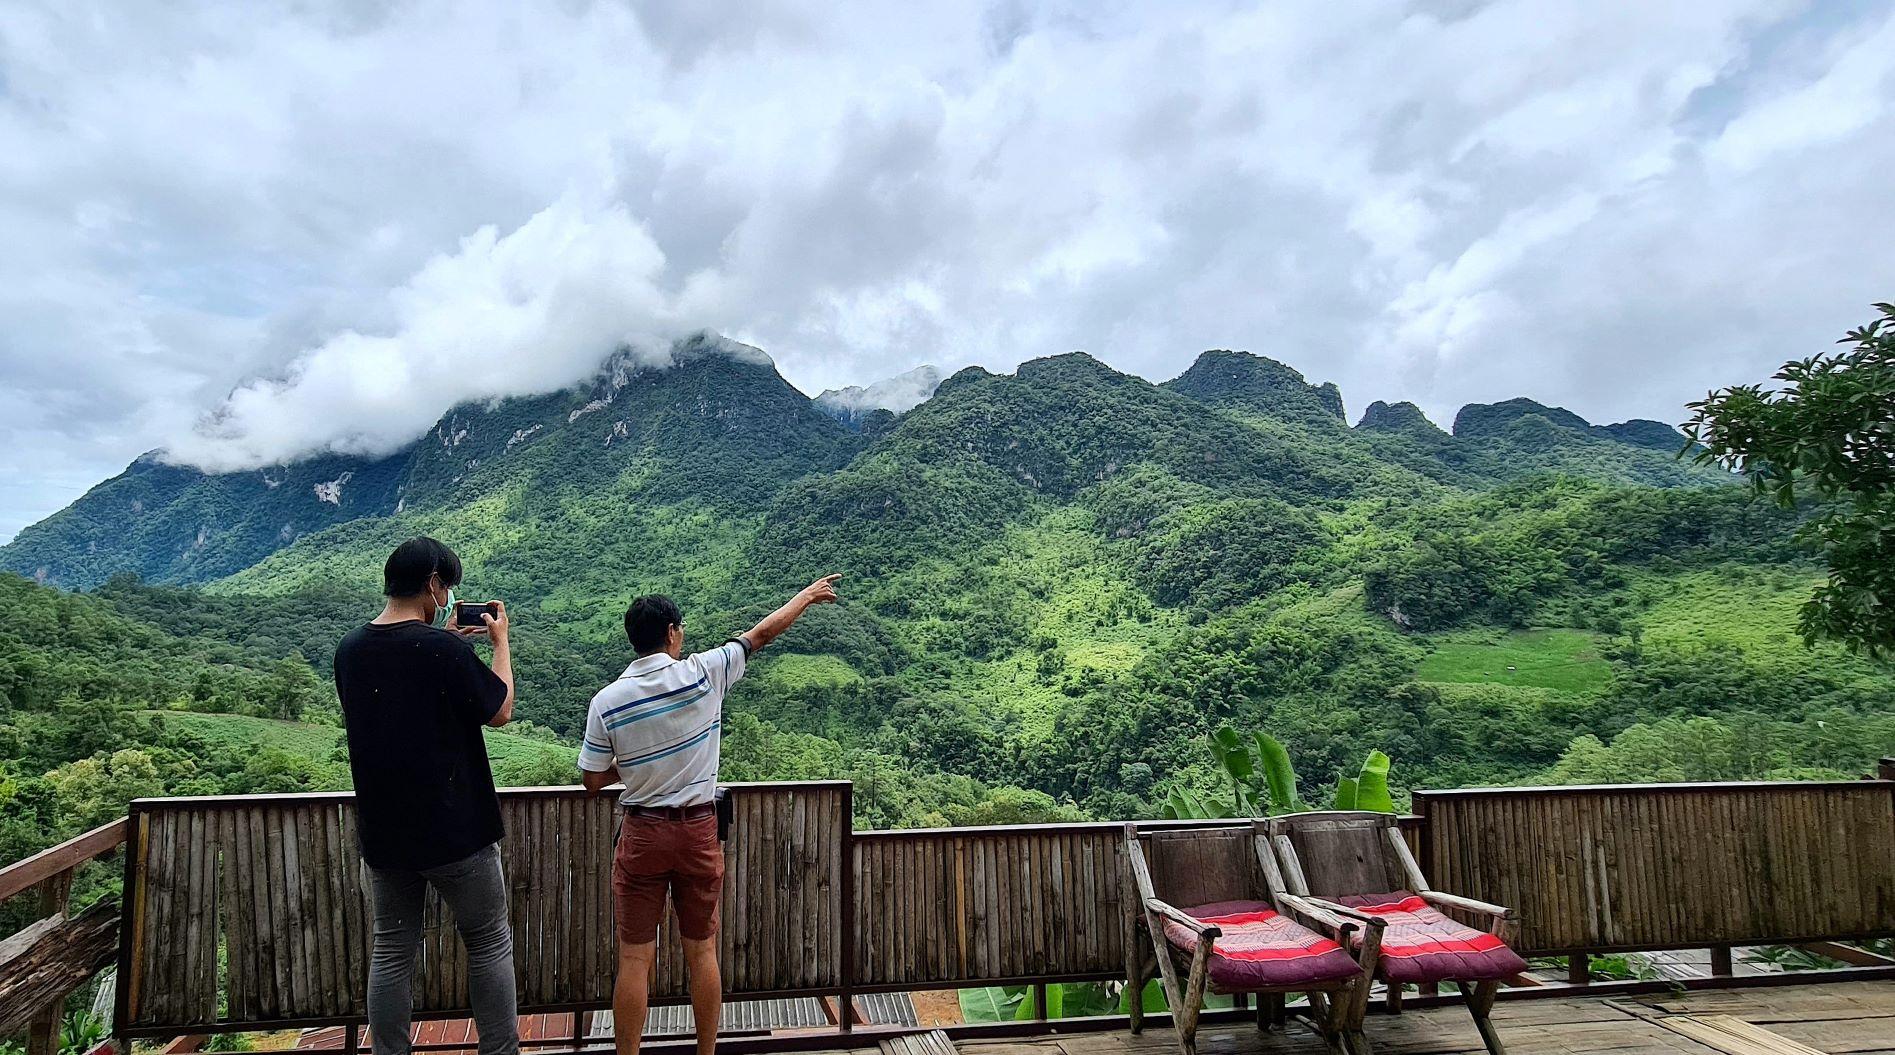 rondreis noord thailand 2022